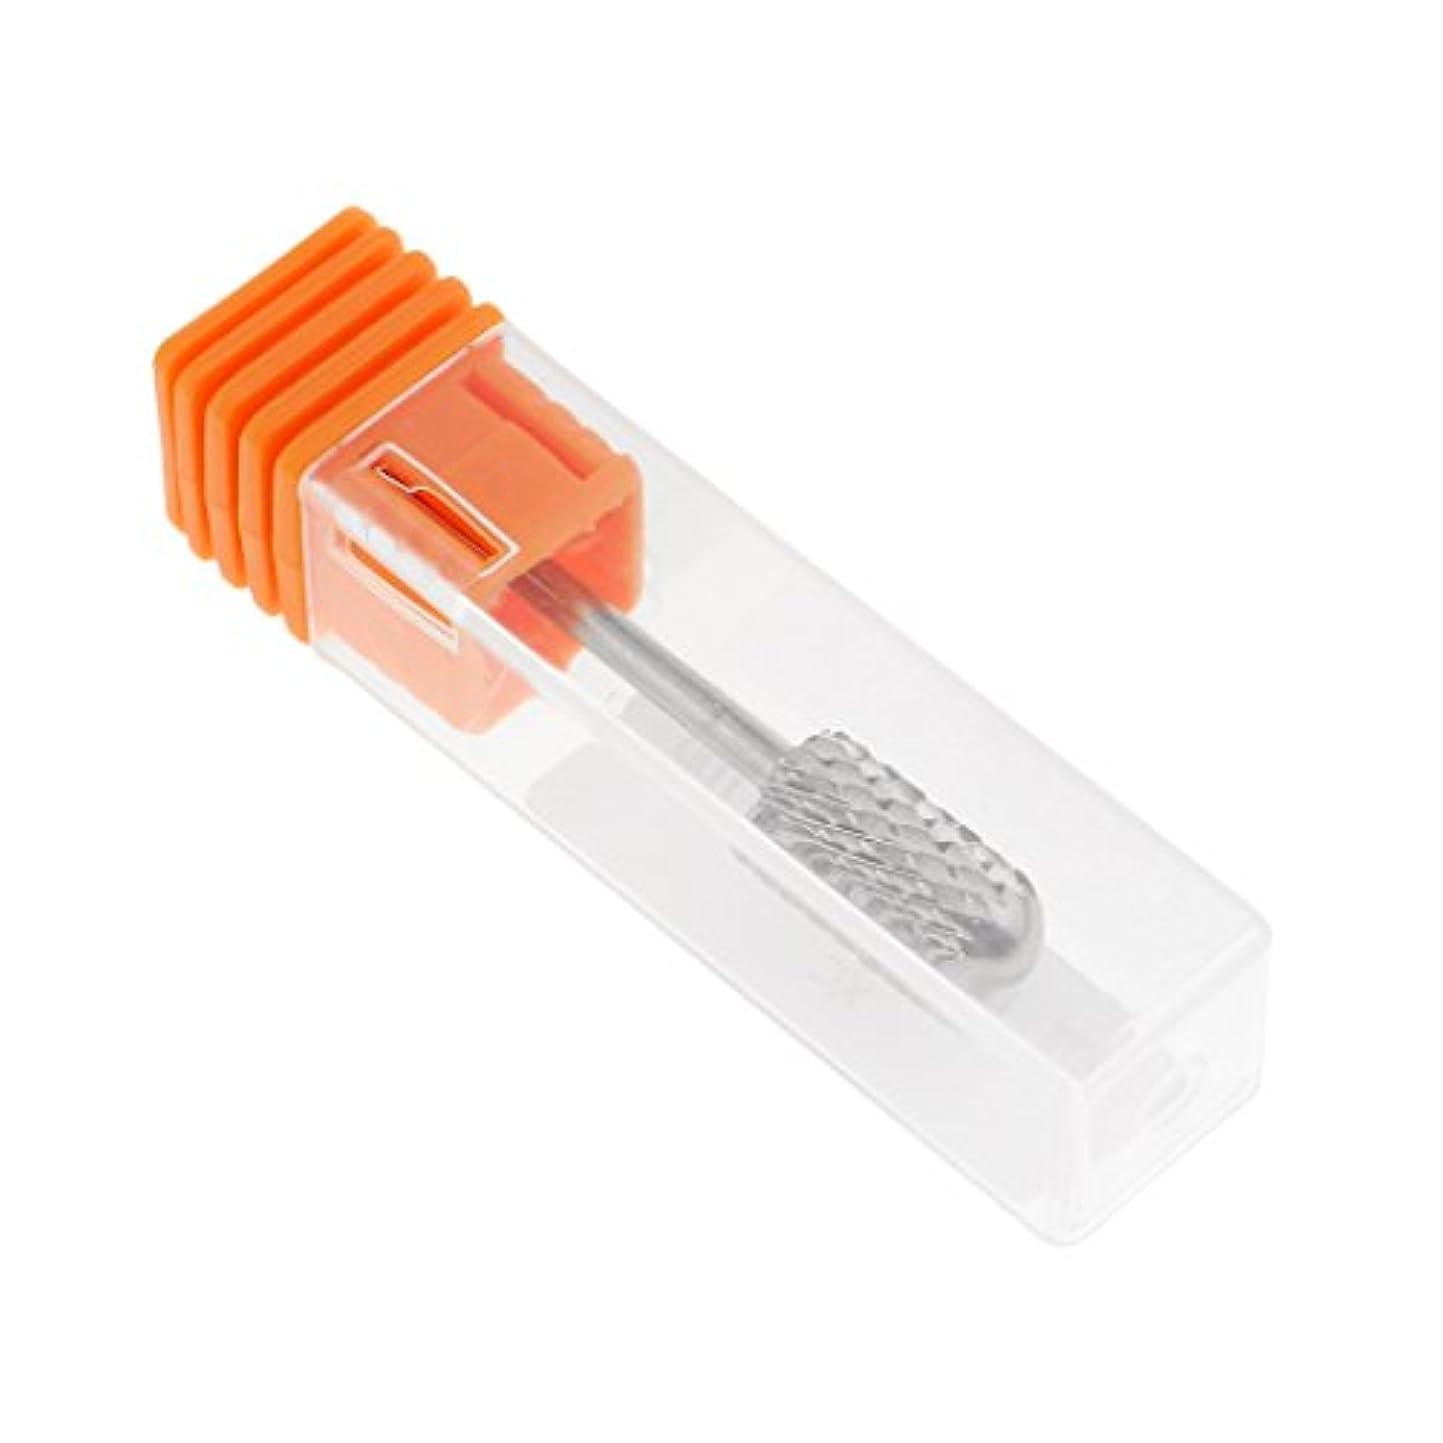 短命扱いやすい膨張するネイルドリルビット ネイルアート マニキュア ポリッシャー ファイル グラインダーキューティクル リムーバー スムーズ 4タイプ - G12-XC